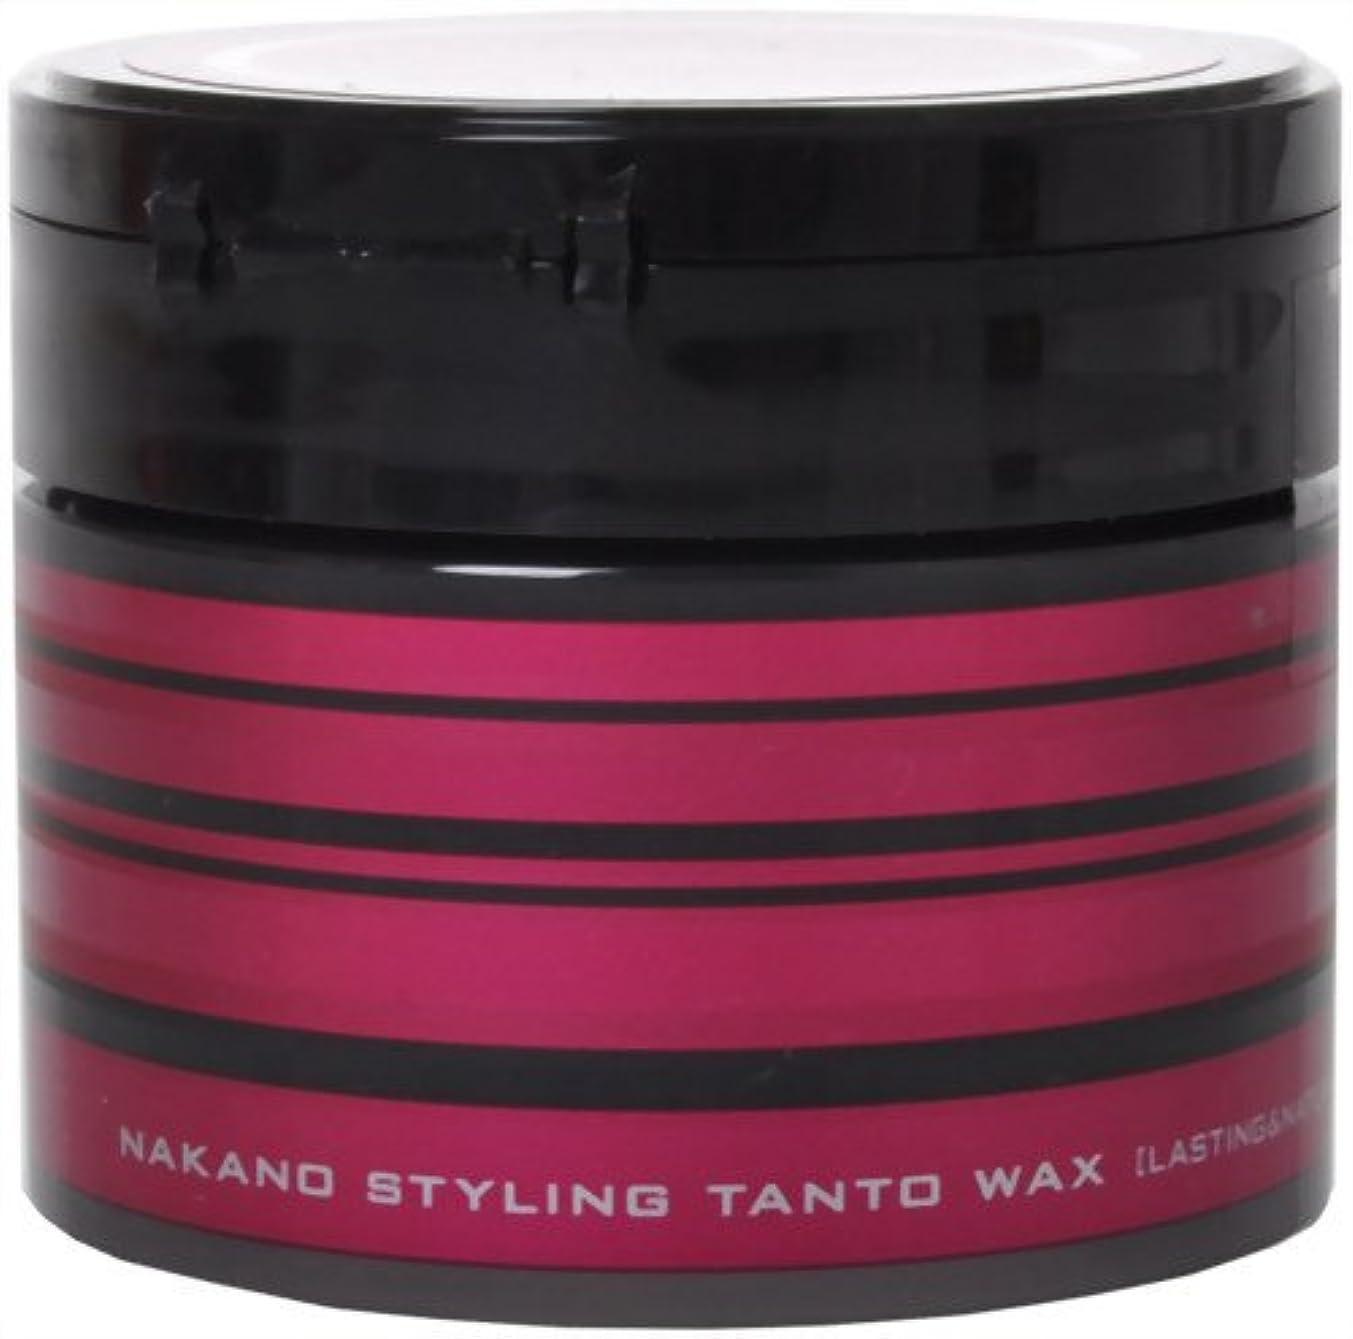 におい厳しいシミュレートするナカノ スタイリング タント ワックス7 「ラスティング&ナチュラル」 90g